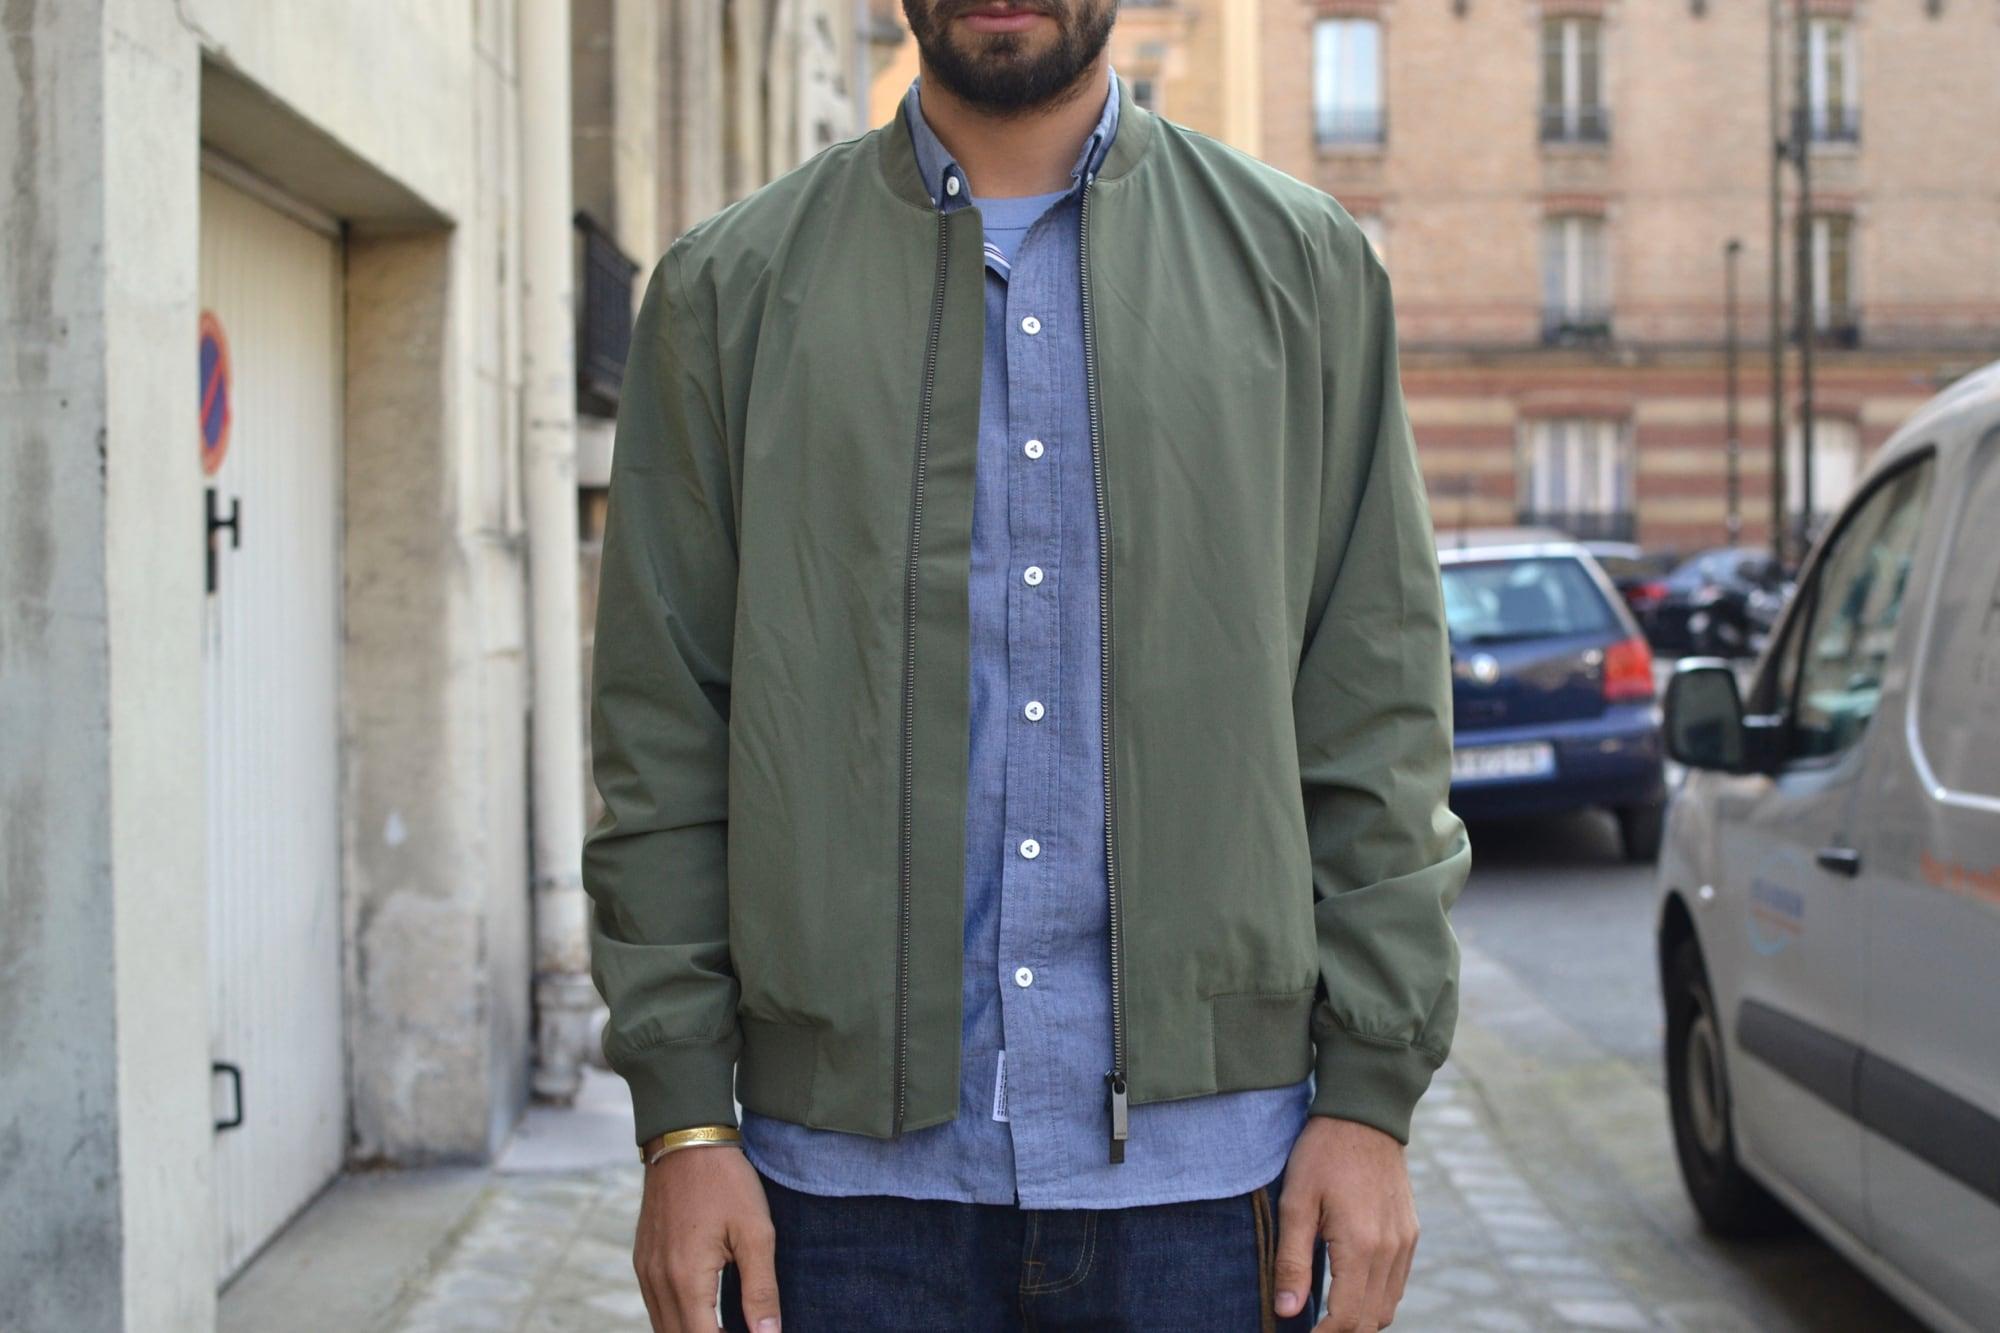 comment porter une chemise chambray tenue entre casual chic et street heritage avec une touche techwear aevc ce bomber kai NN07